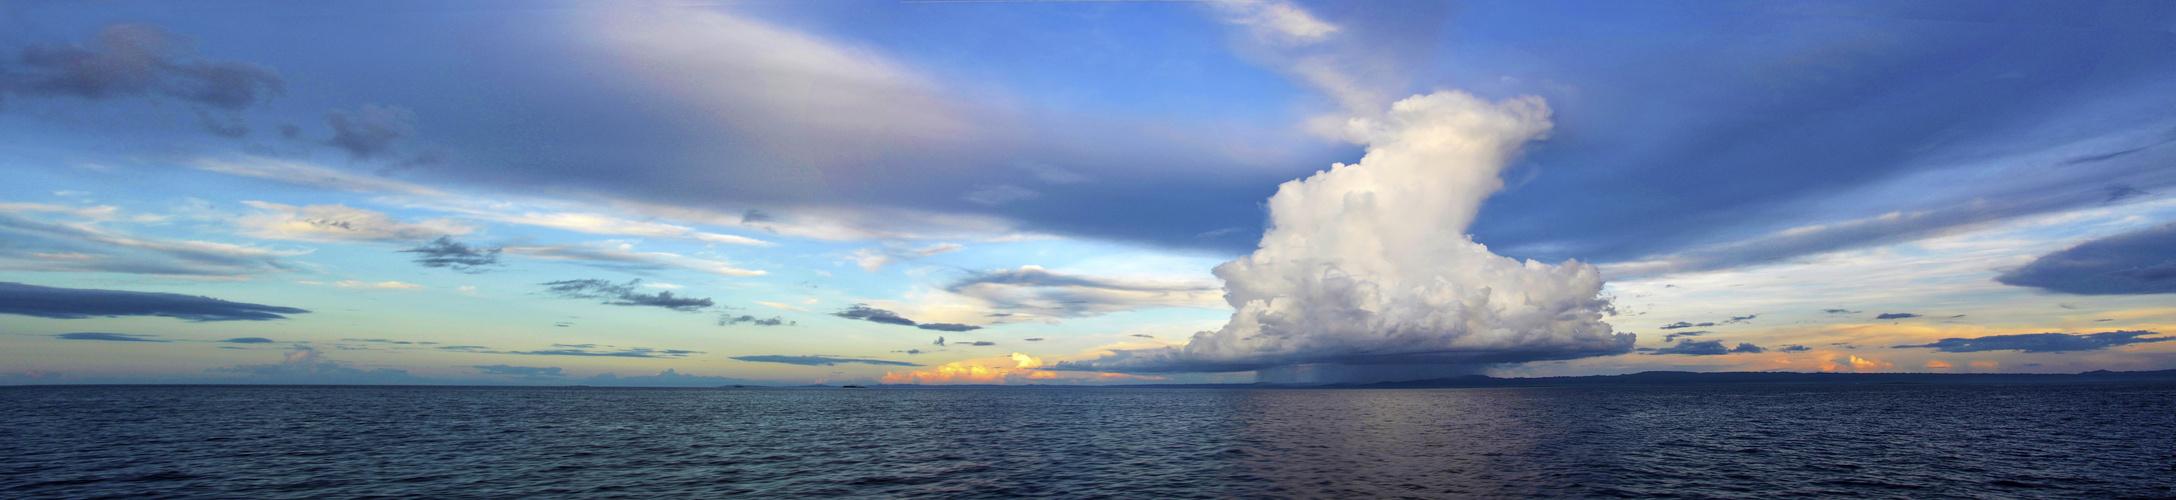 Regenwolke Panorama